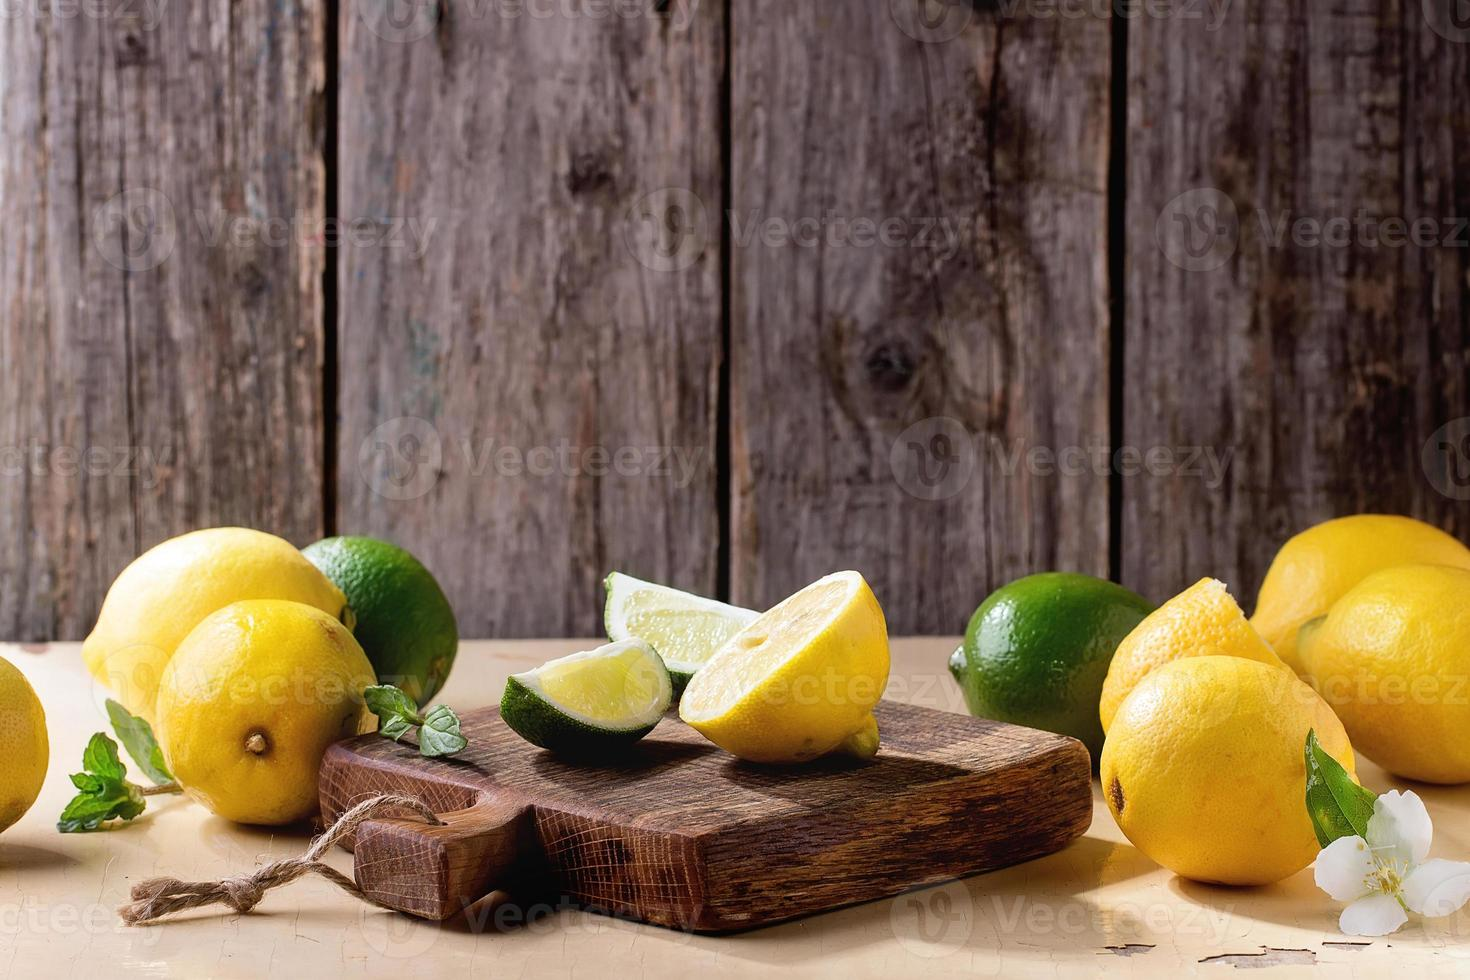 Lemons and limes photo